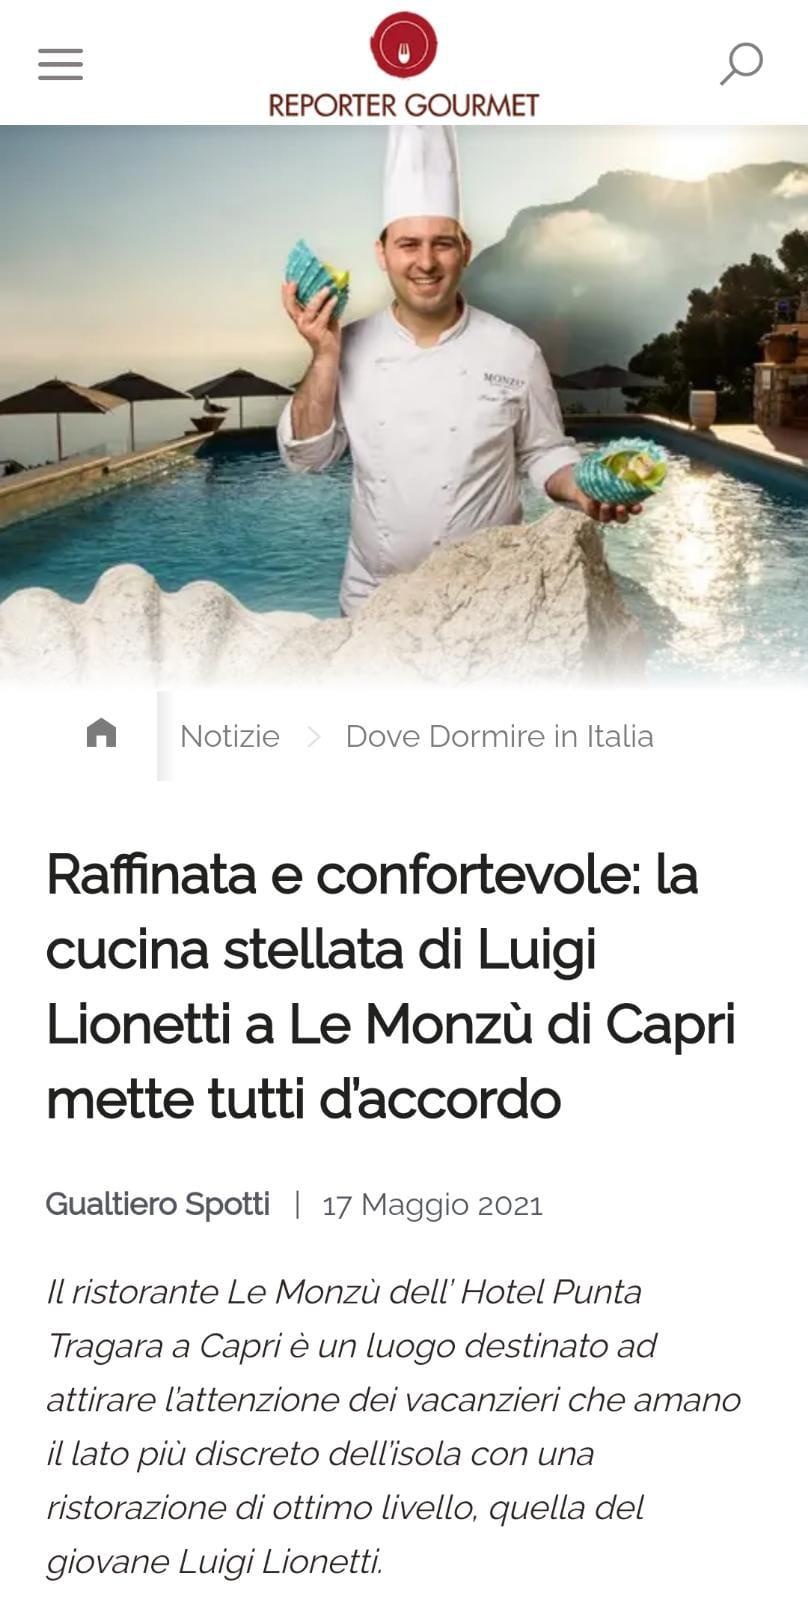 MANFREDI FINE HOTELS COLLECTION – REPORTER GOURMET – MAGGIO 2021